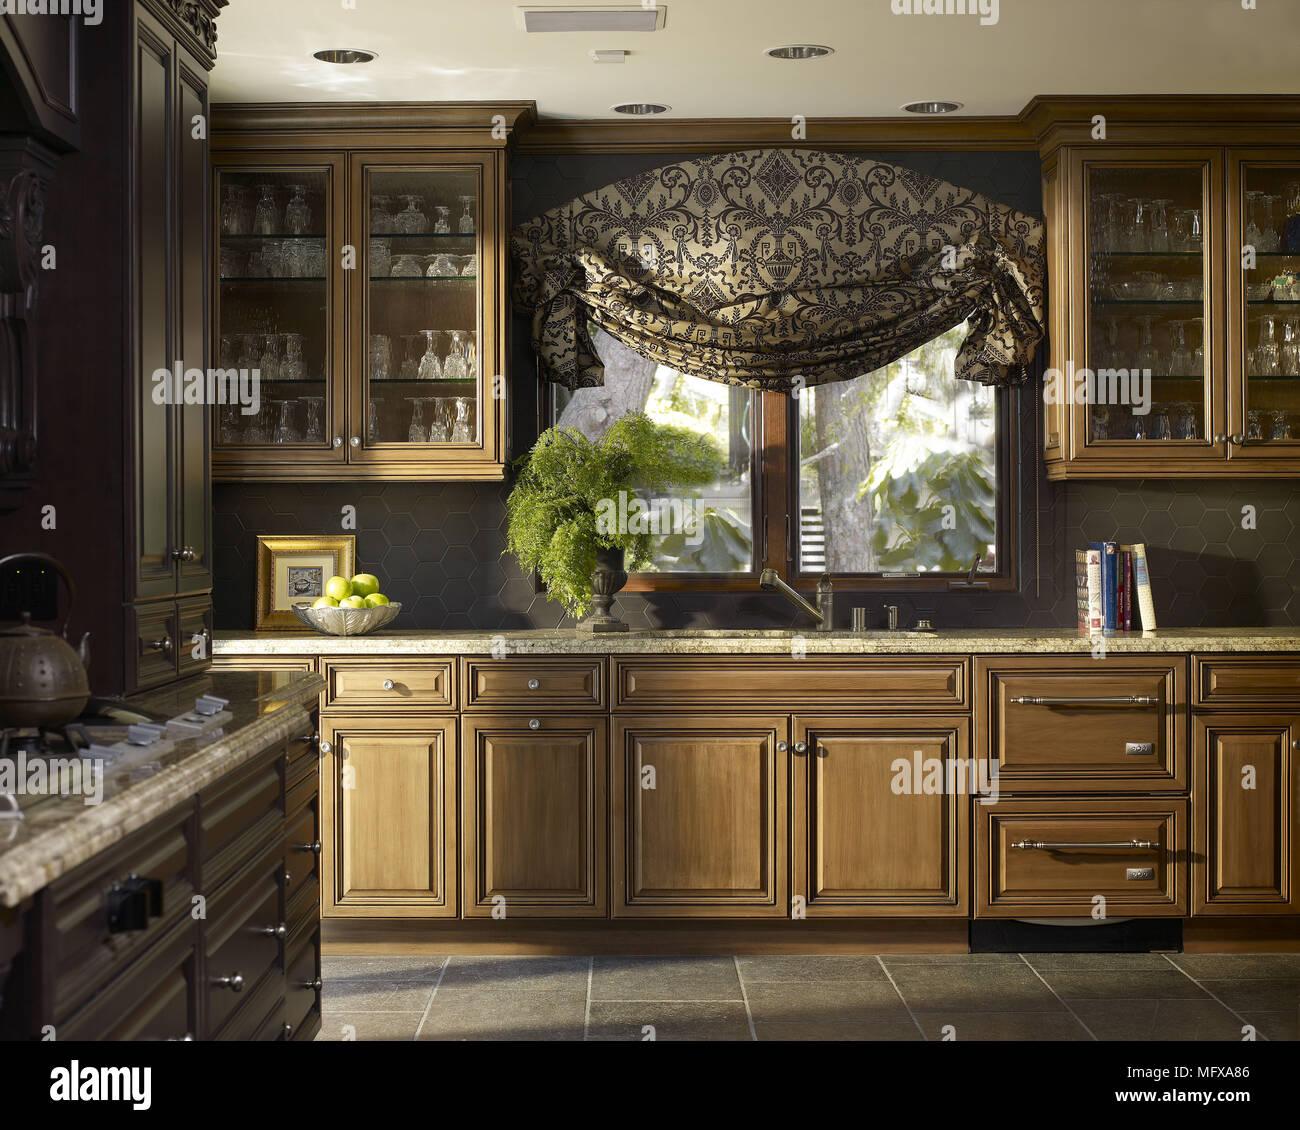 Großartig Interior Design Für Küche Indischen Stil Fotos ...